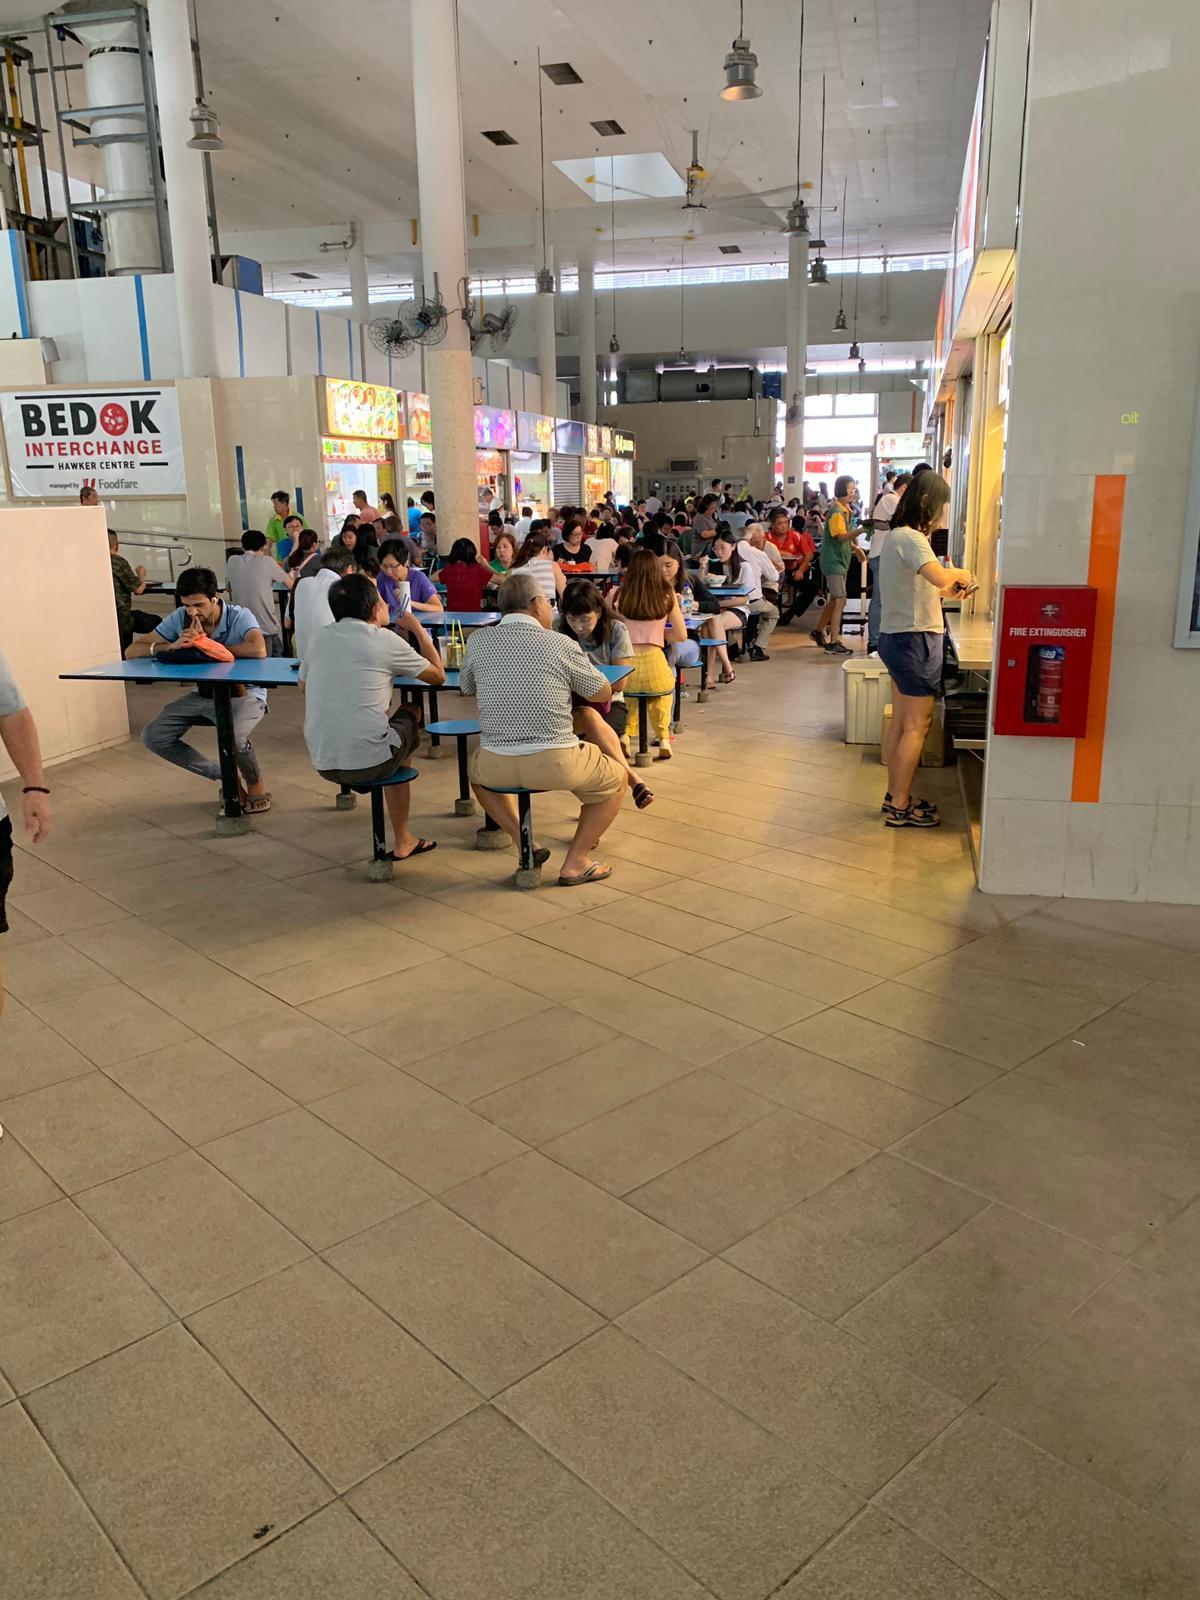 Bedok Interchange Hawker Centre interior